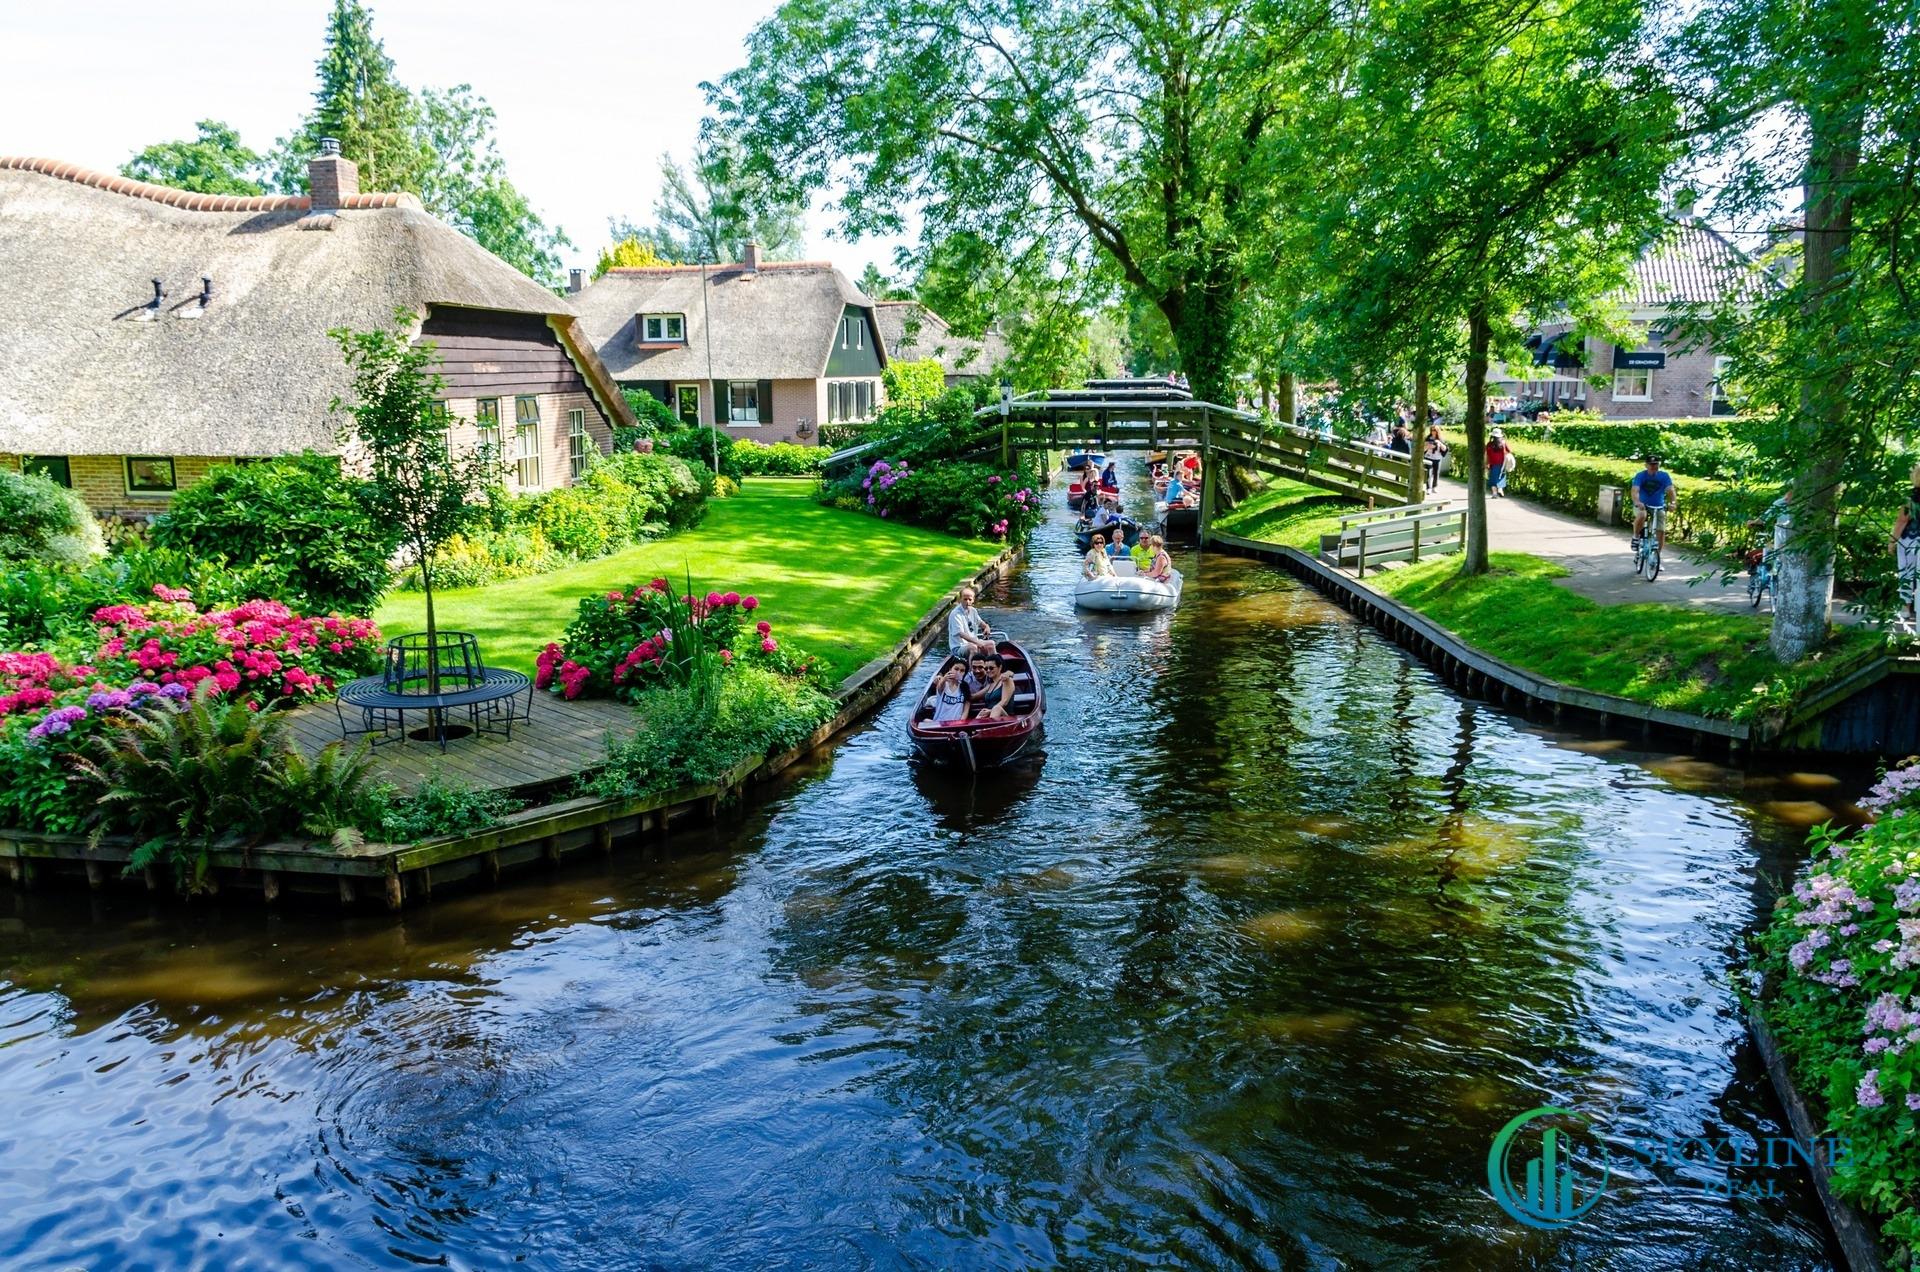 Dòng kênh Lagoon uốn quanh ngôi làng Giethoorn tại Hà Lan.